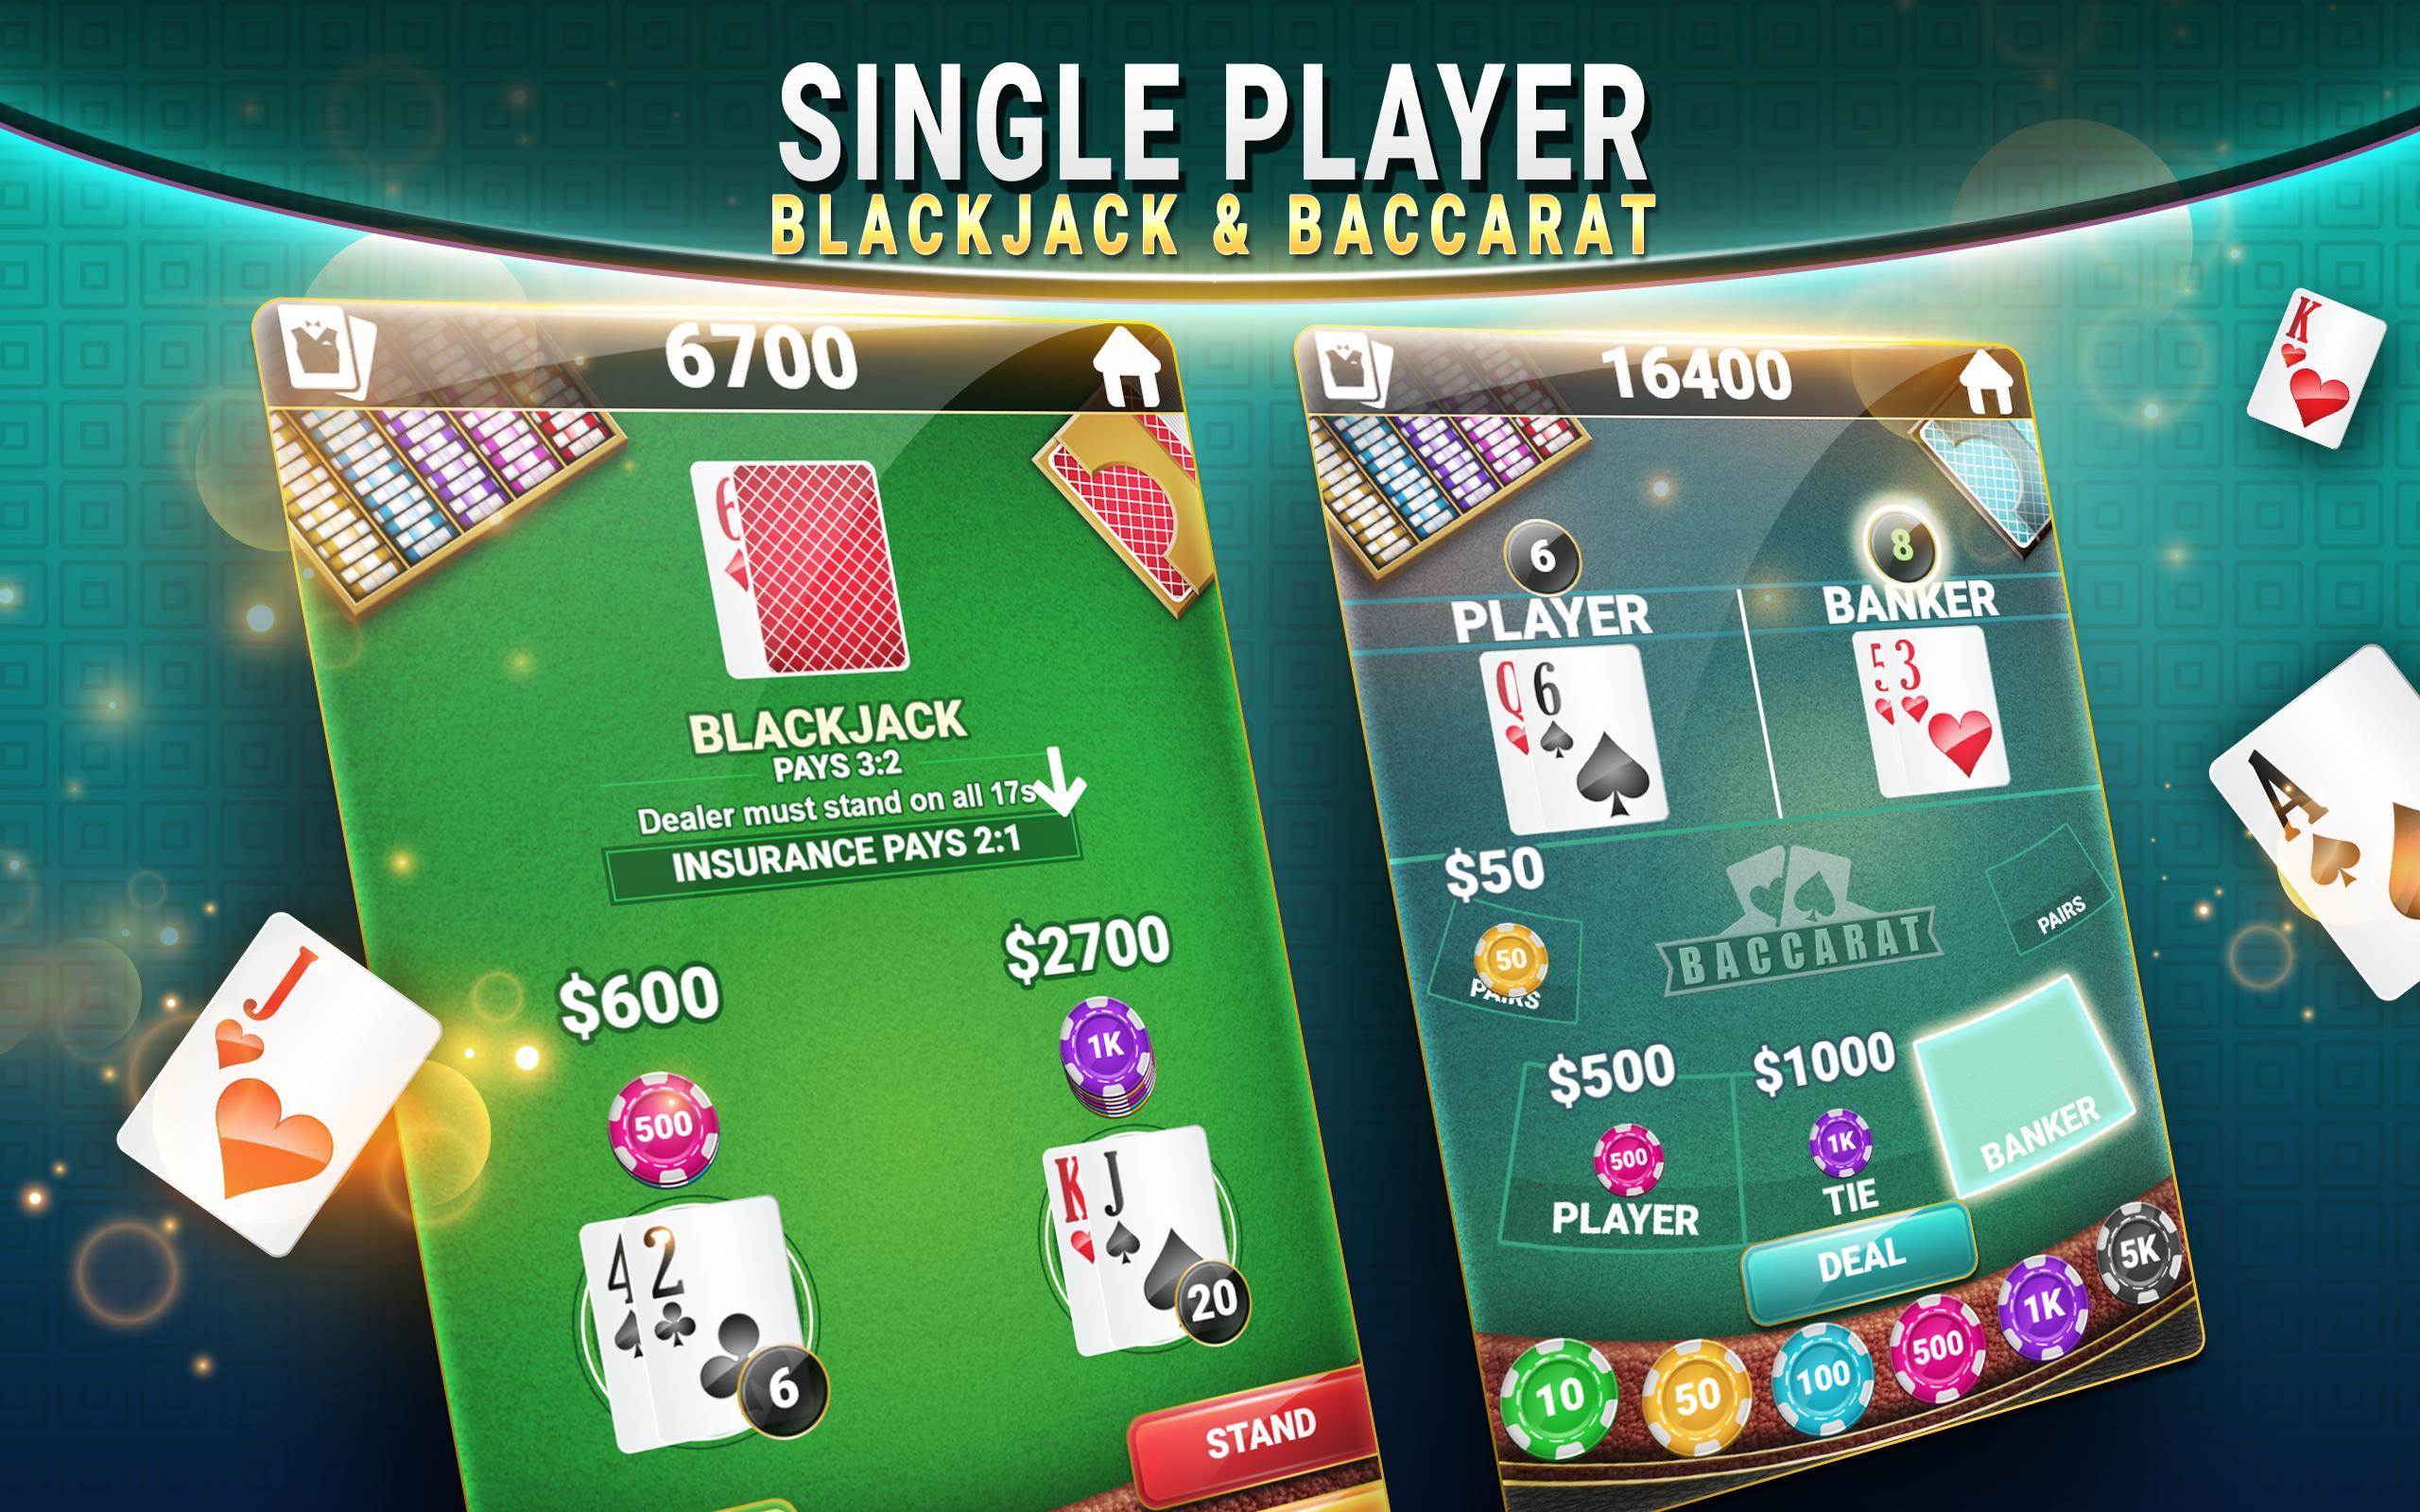 Review Judi Blackjack & Baccarat - Casino Card Game